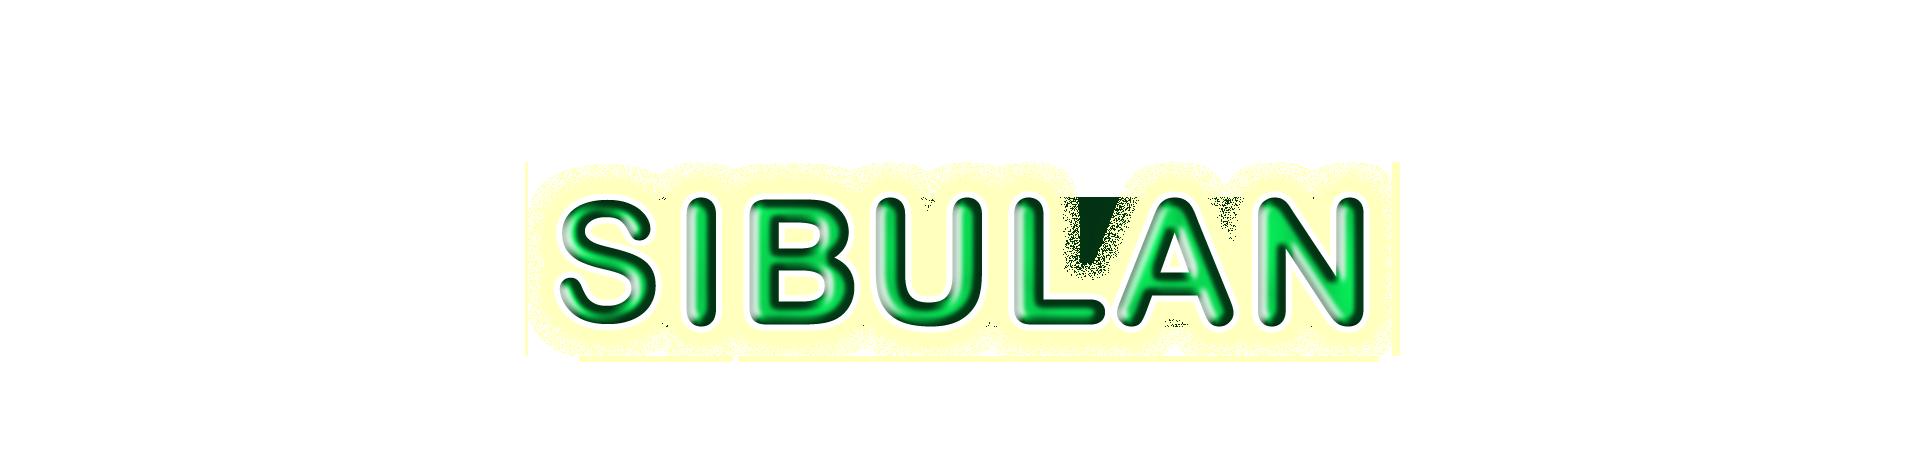 Sibulan-Negros Oriental